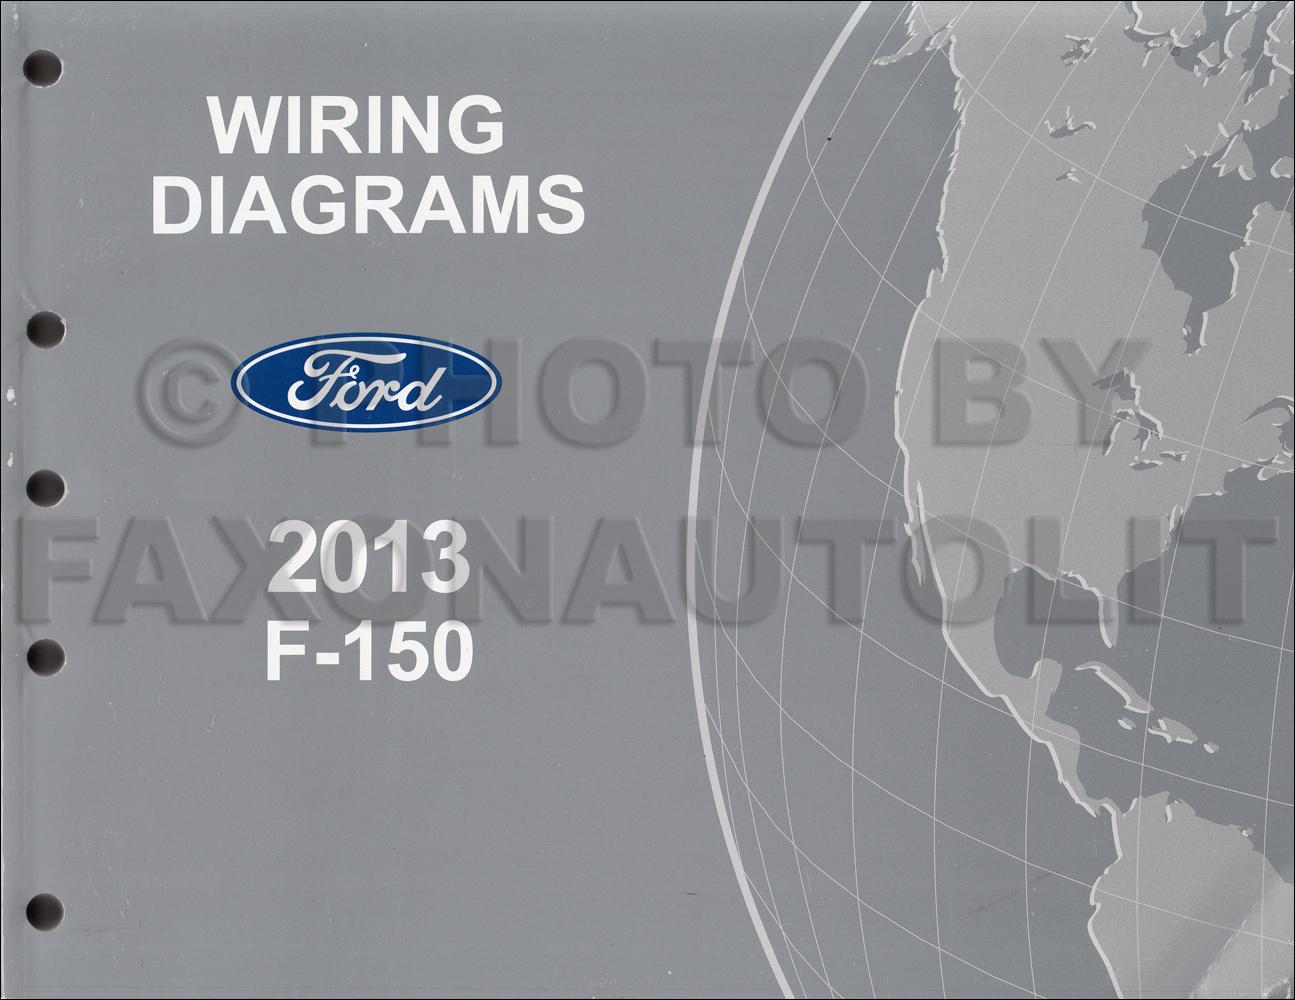 2013 Ford F-150 Wiring Diagram Manual Original